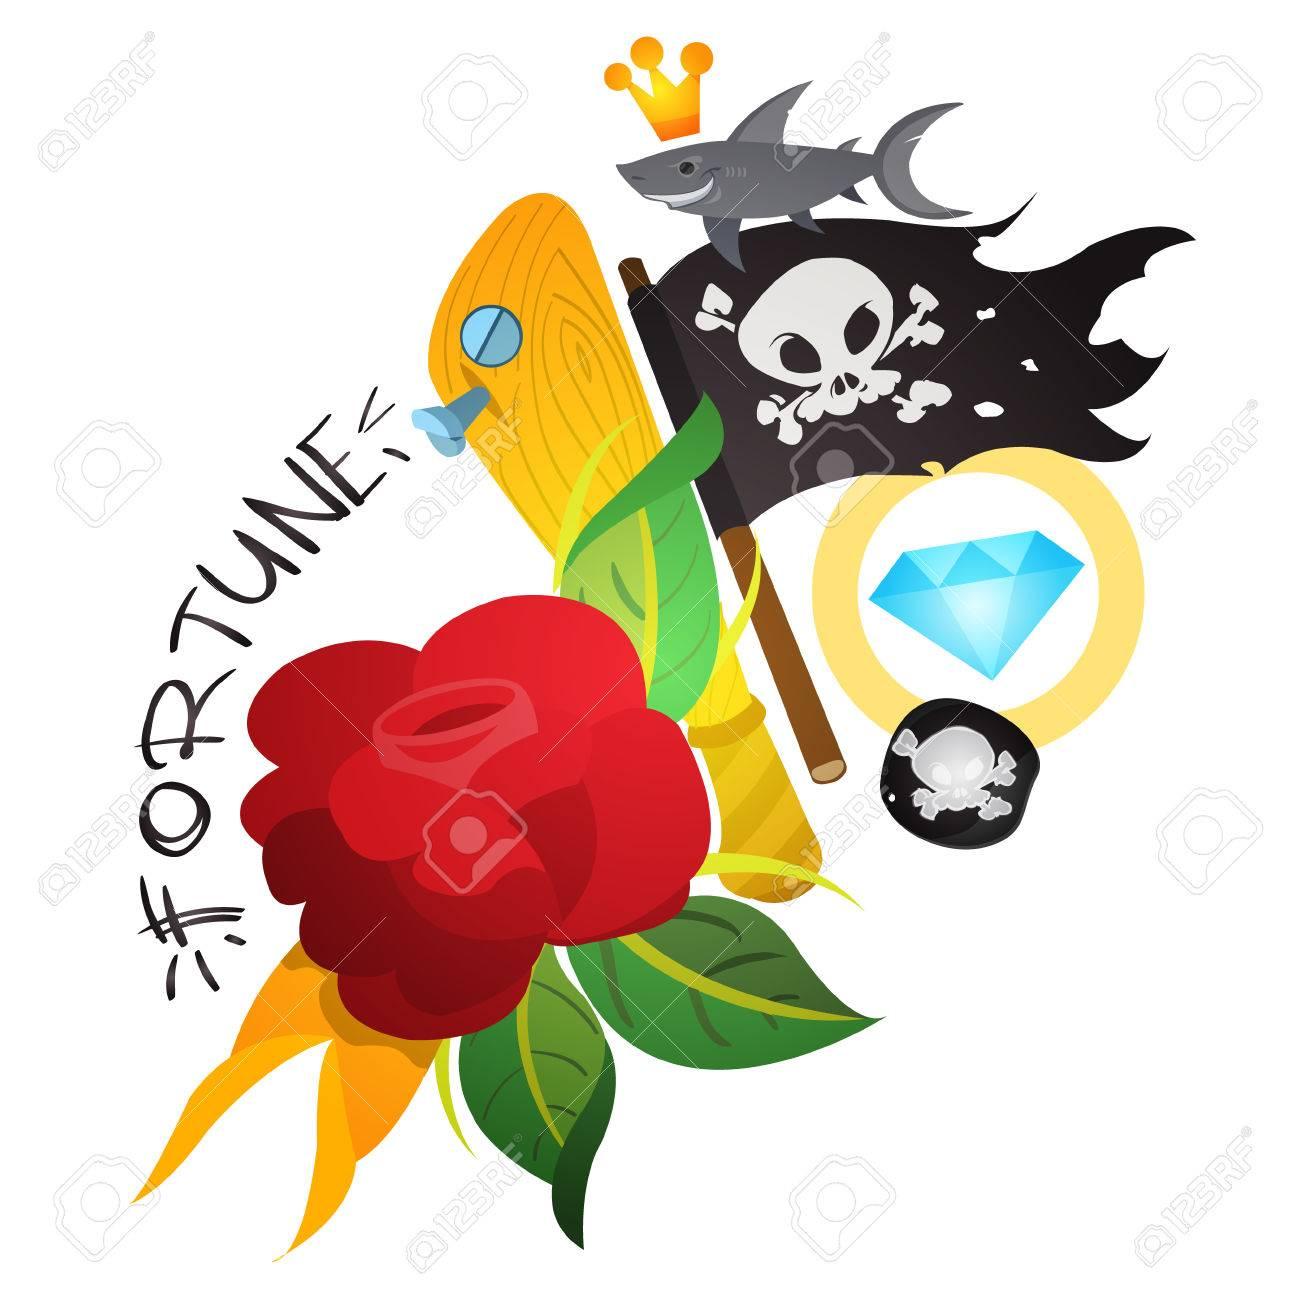 Boceto Del Tatuaje Con Una Daga Y Rosas. Ilustración Para Colorear ...